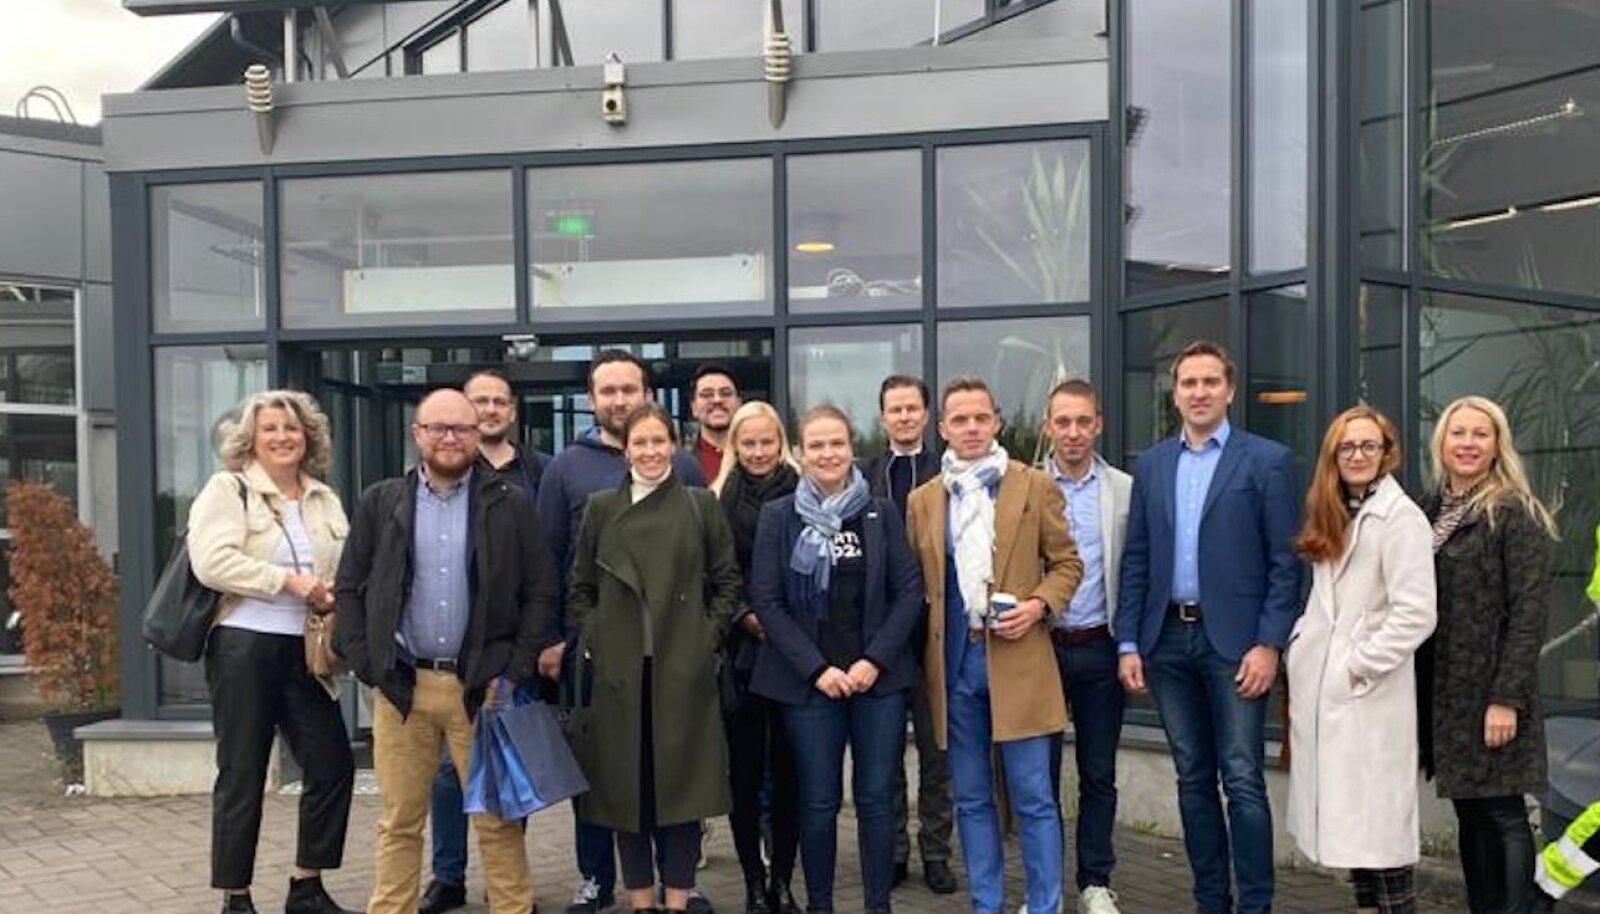 Tartumaa delegatsioon külastab Seinäjoki lennujaama.